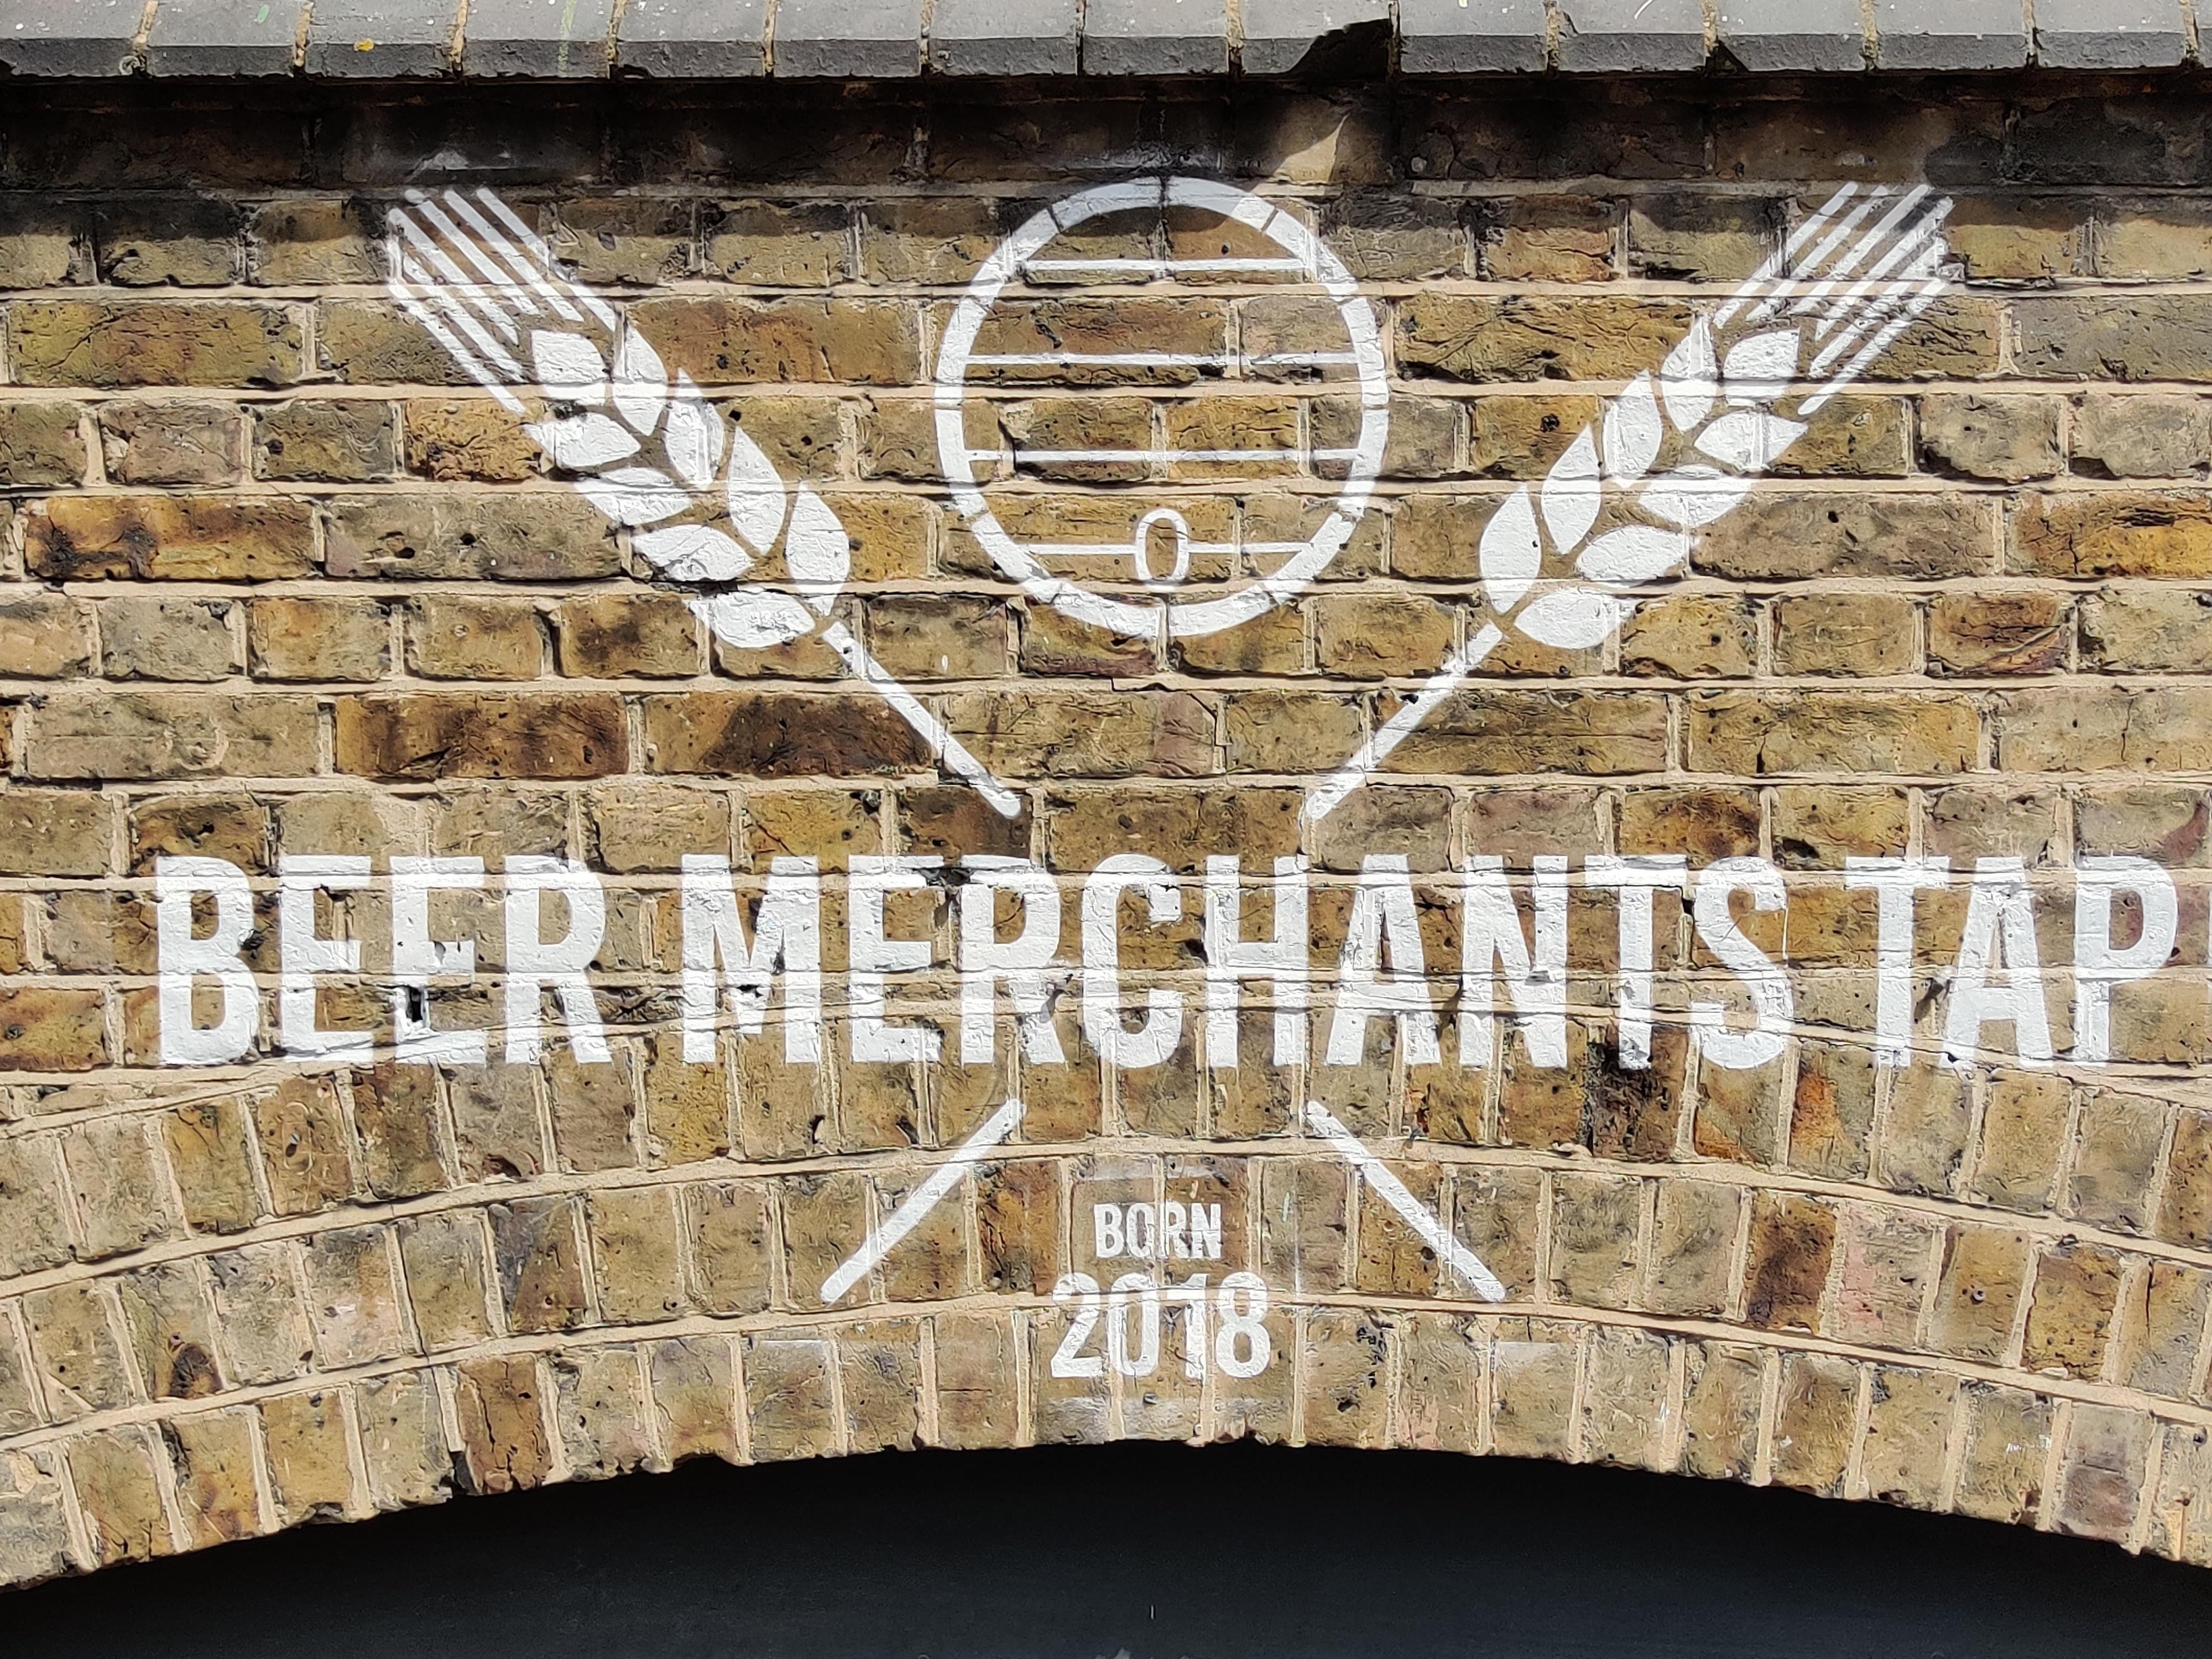 Beer Merchants, Hackney Wick